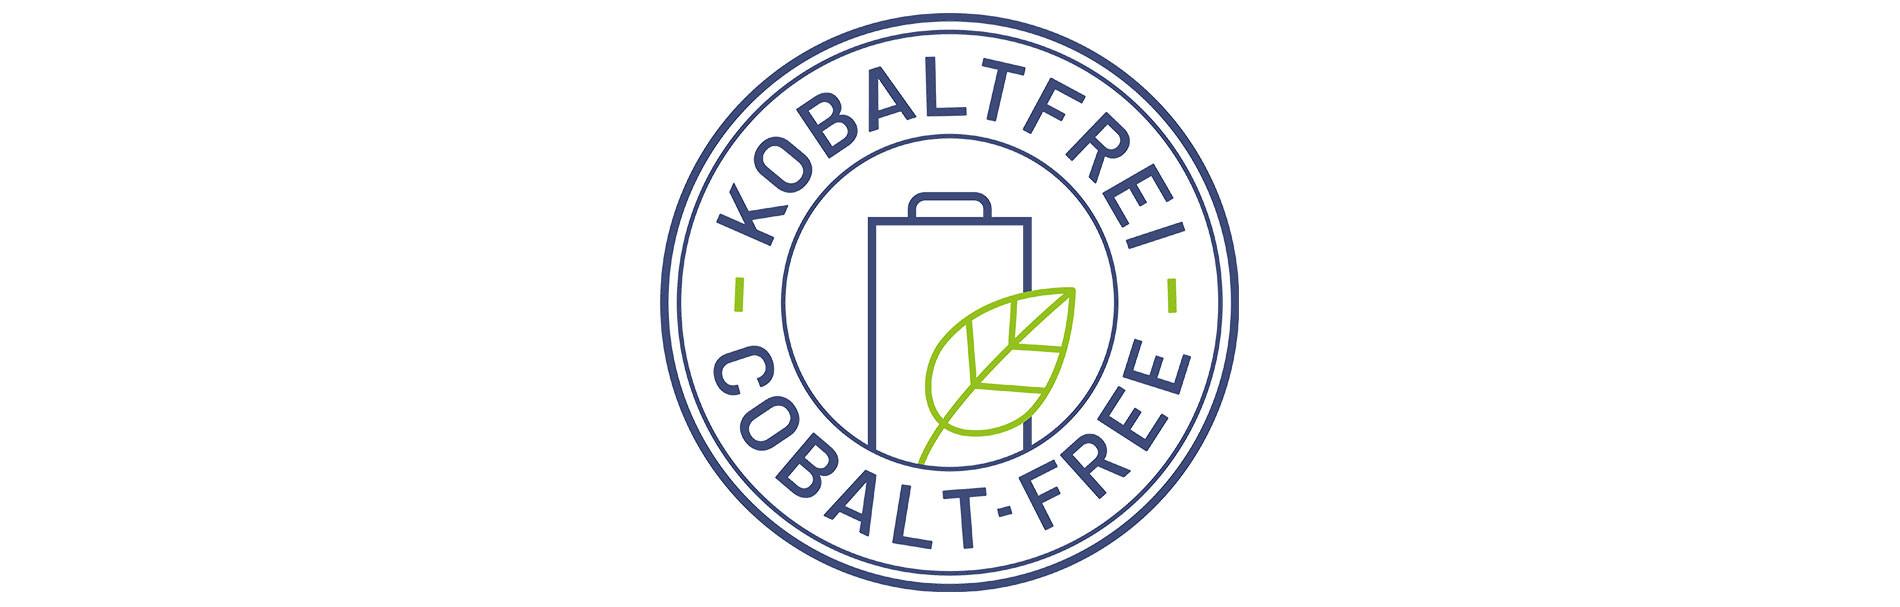 sonnen startet Initiative für kobaltfreie Batterien